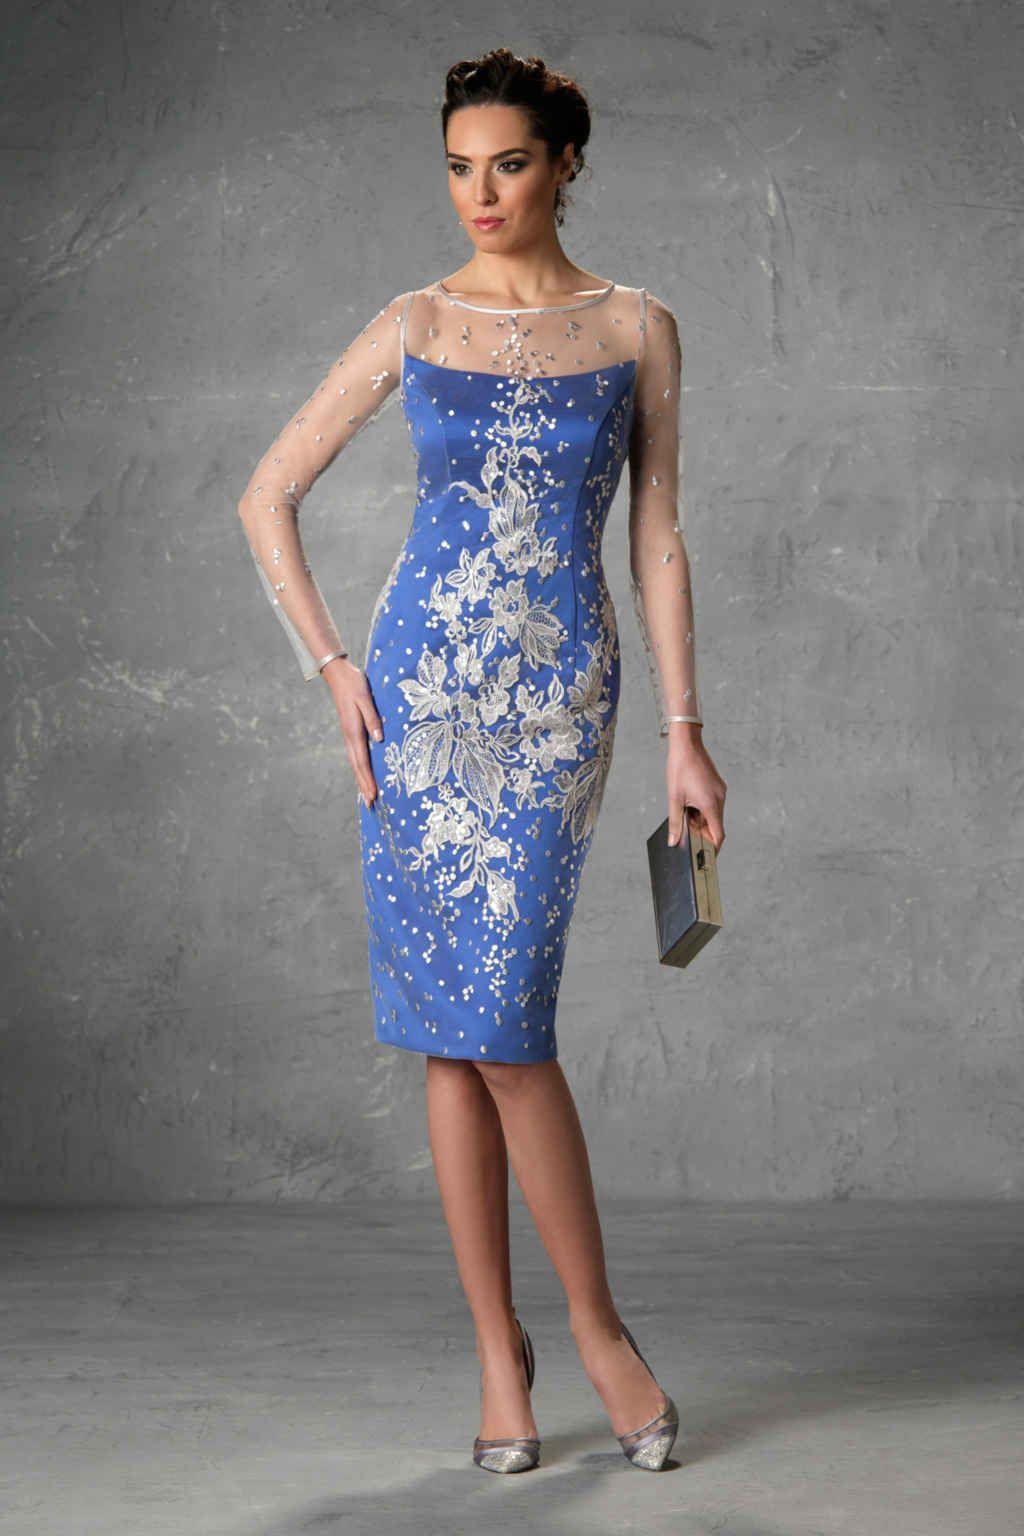 306e0dce4 Vestidos de madrina y fiesta con unos acabados y calidad excelente. Llevar  vestidos de madrina Esthefan hace que sea una verdadera exclusividad.